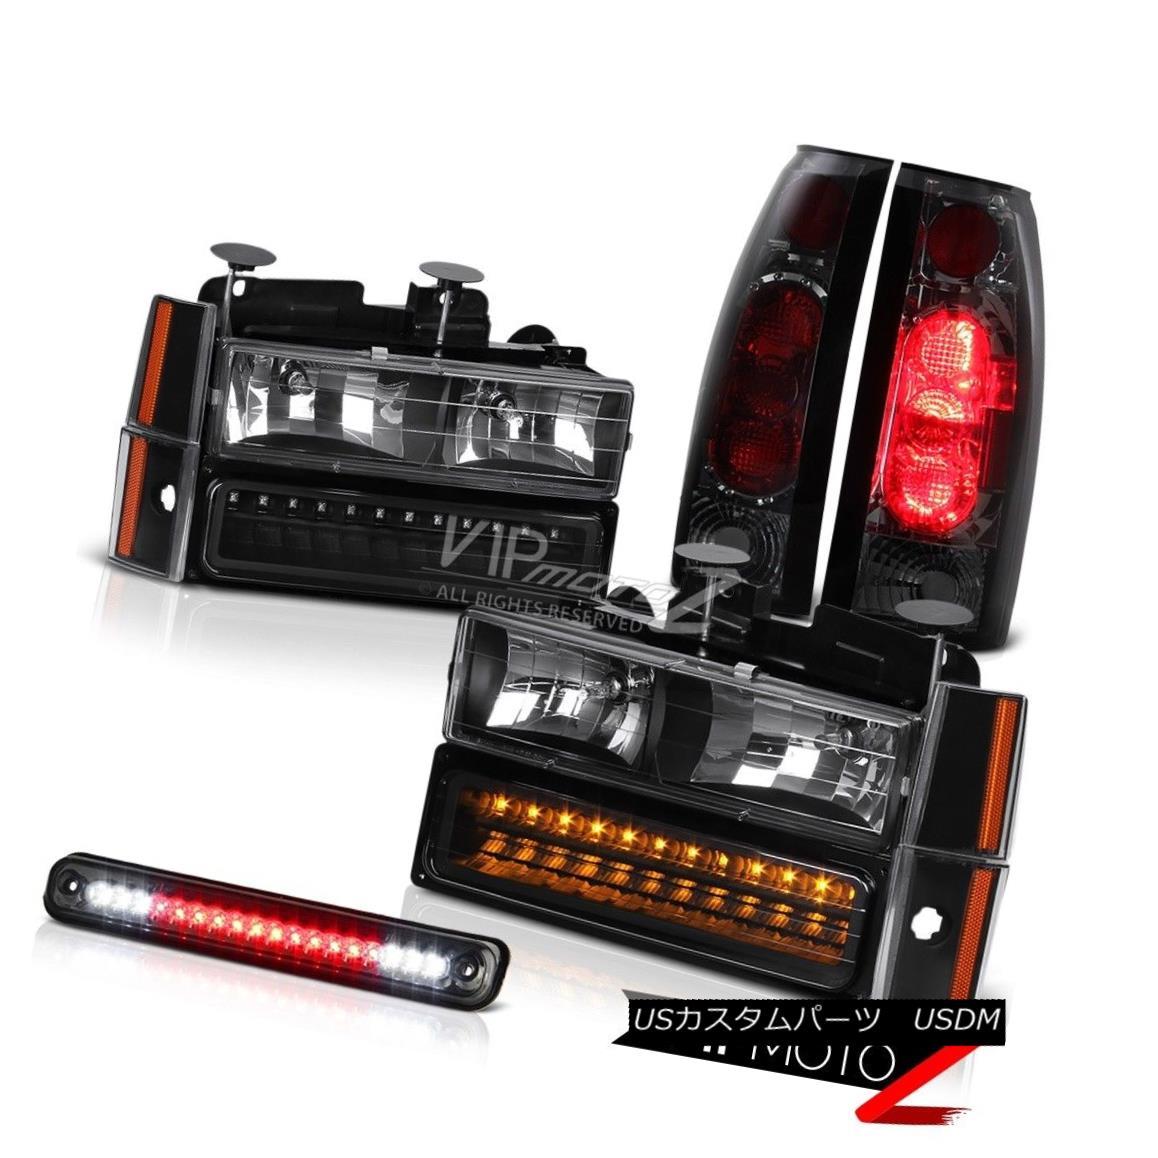 ヘッドライト 1988 1989 1990 1991 1992 1993 Chevrolet C1500 C2500 BLK Headlight LED Tail Light 1988 1989 1989 1990 1991 1992 Chevrolet C1500 C2500 BLKヘッドライトLEDテールライト